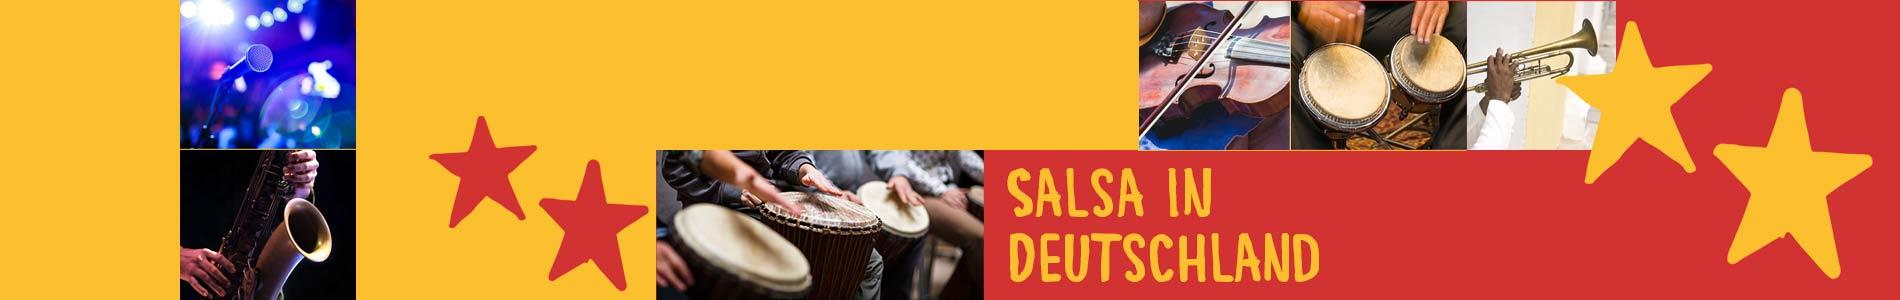 Salsa in Damp – Salsa lernen und tanzen, Tanzkurse, Partys, Veranstaltungen